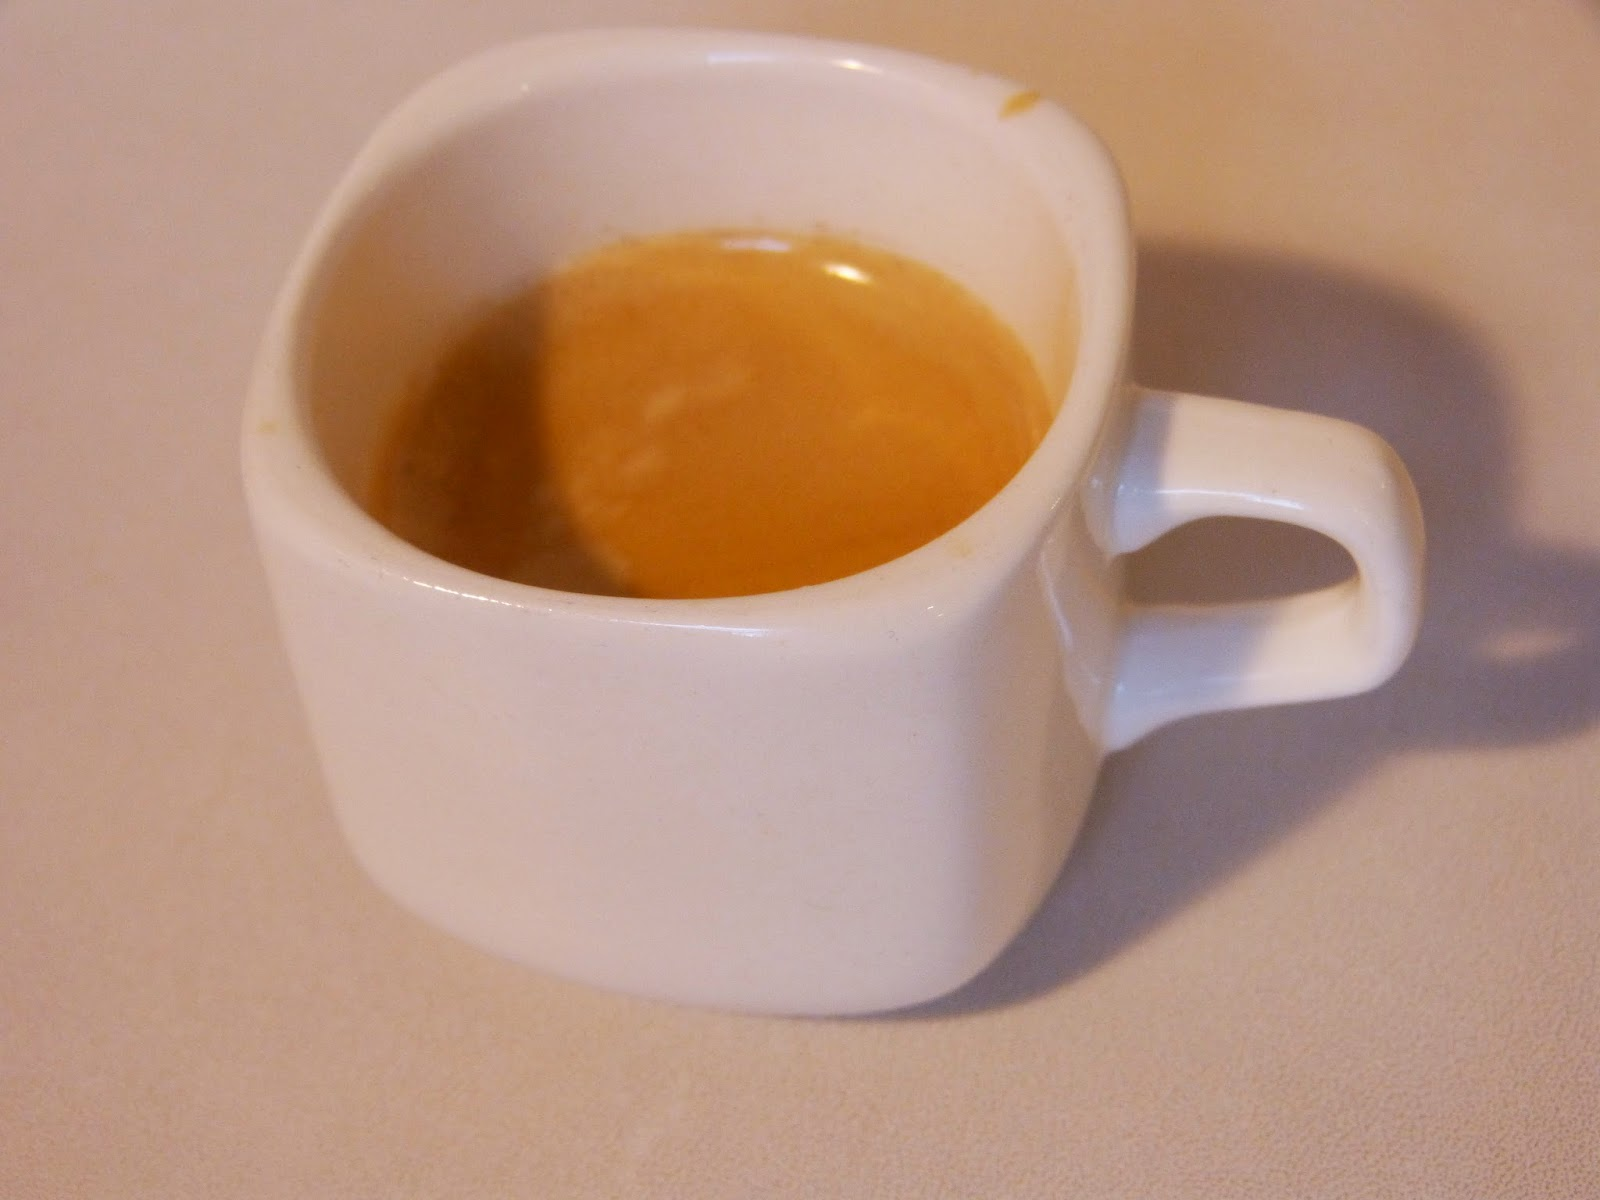 Per acompanyar el cafè